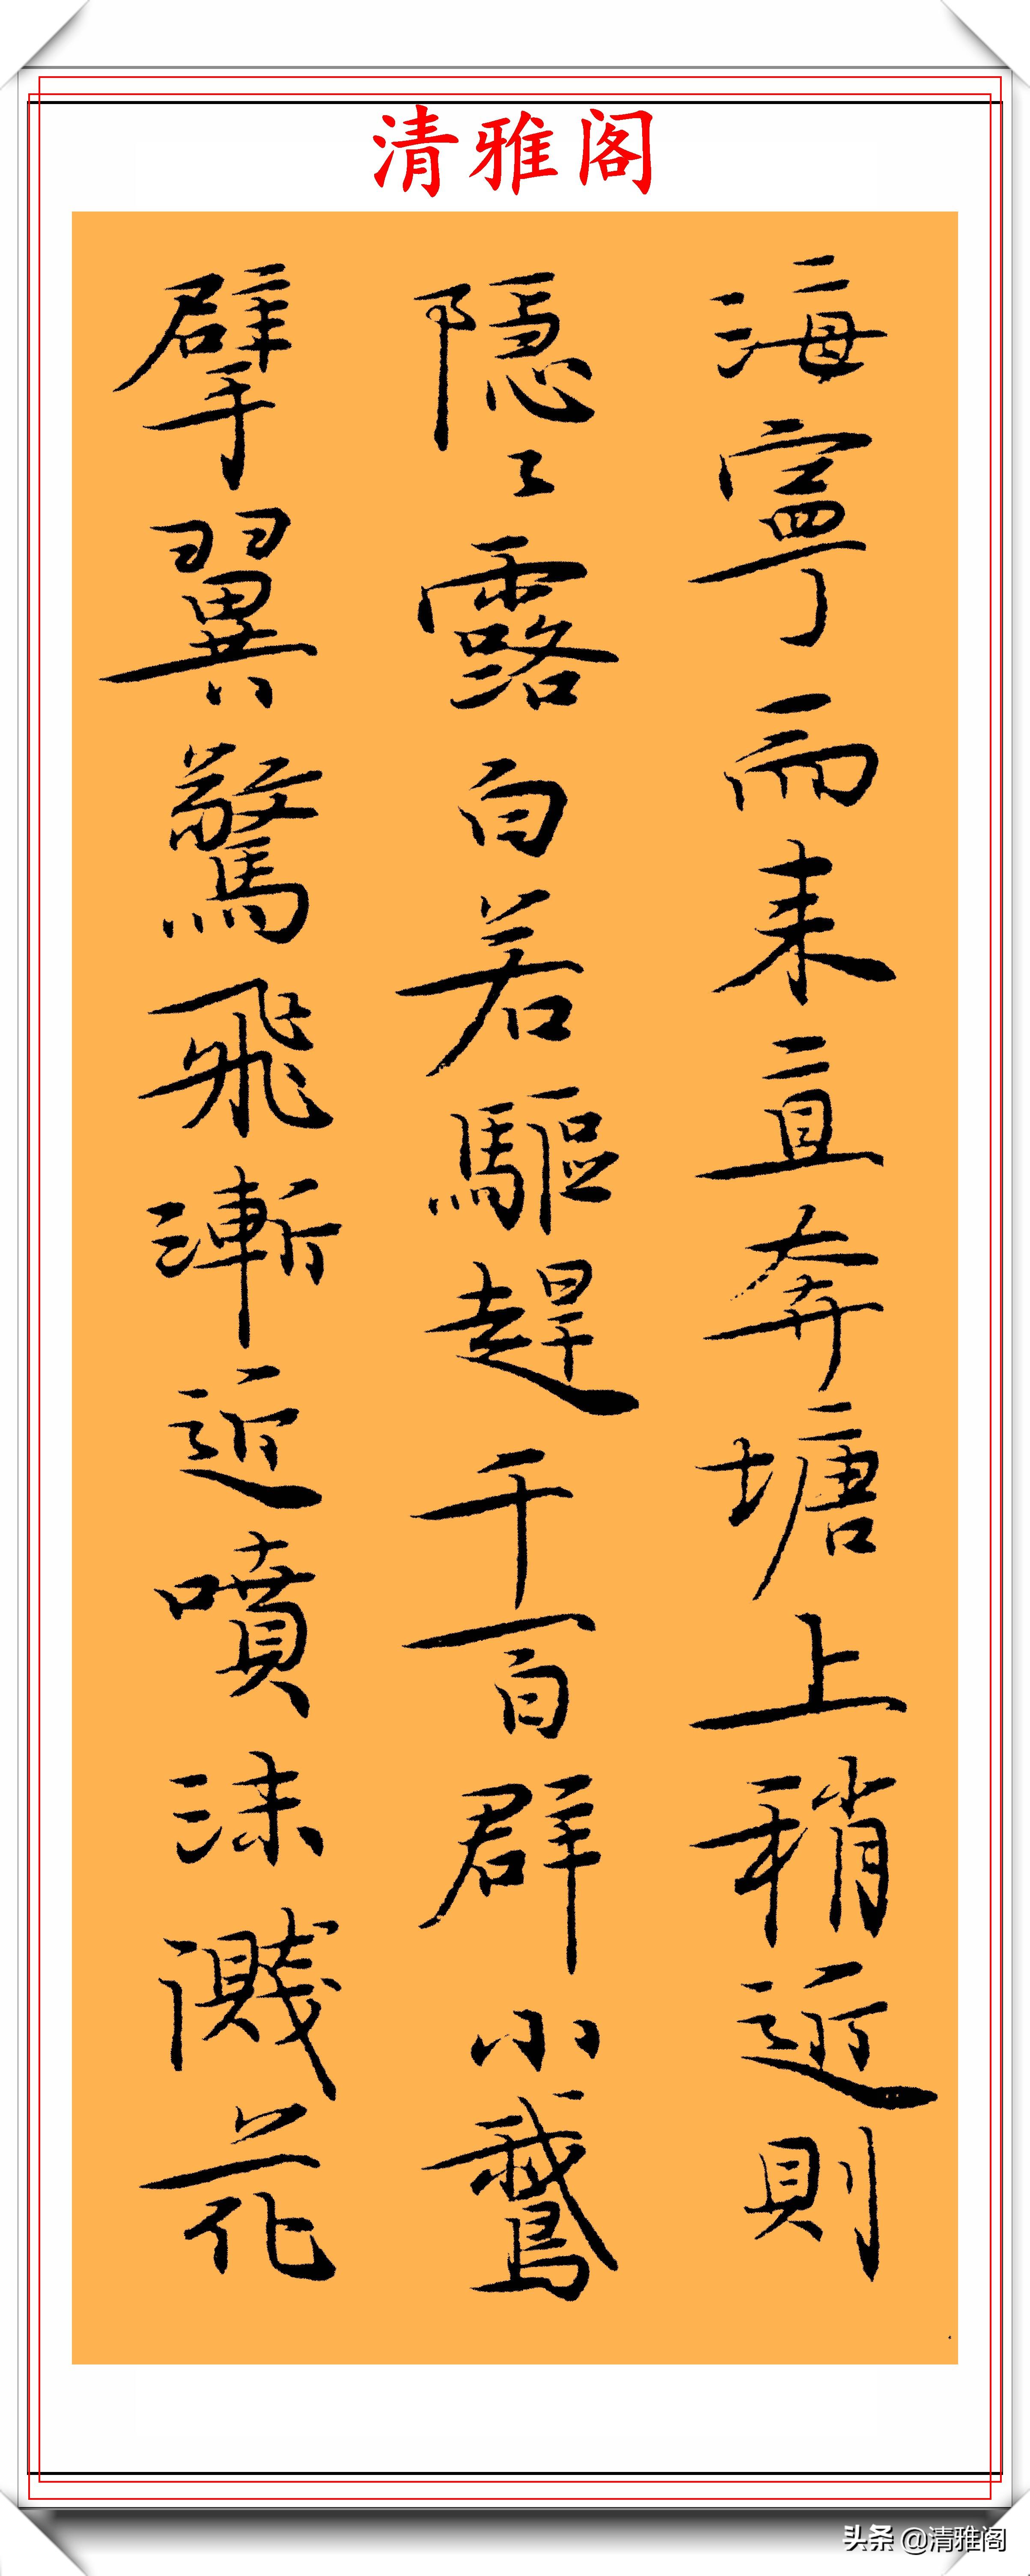 中书协理事管峻先生,精品小楷书法作品欣赏,笔法精美可做字帖